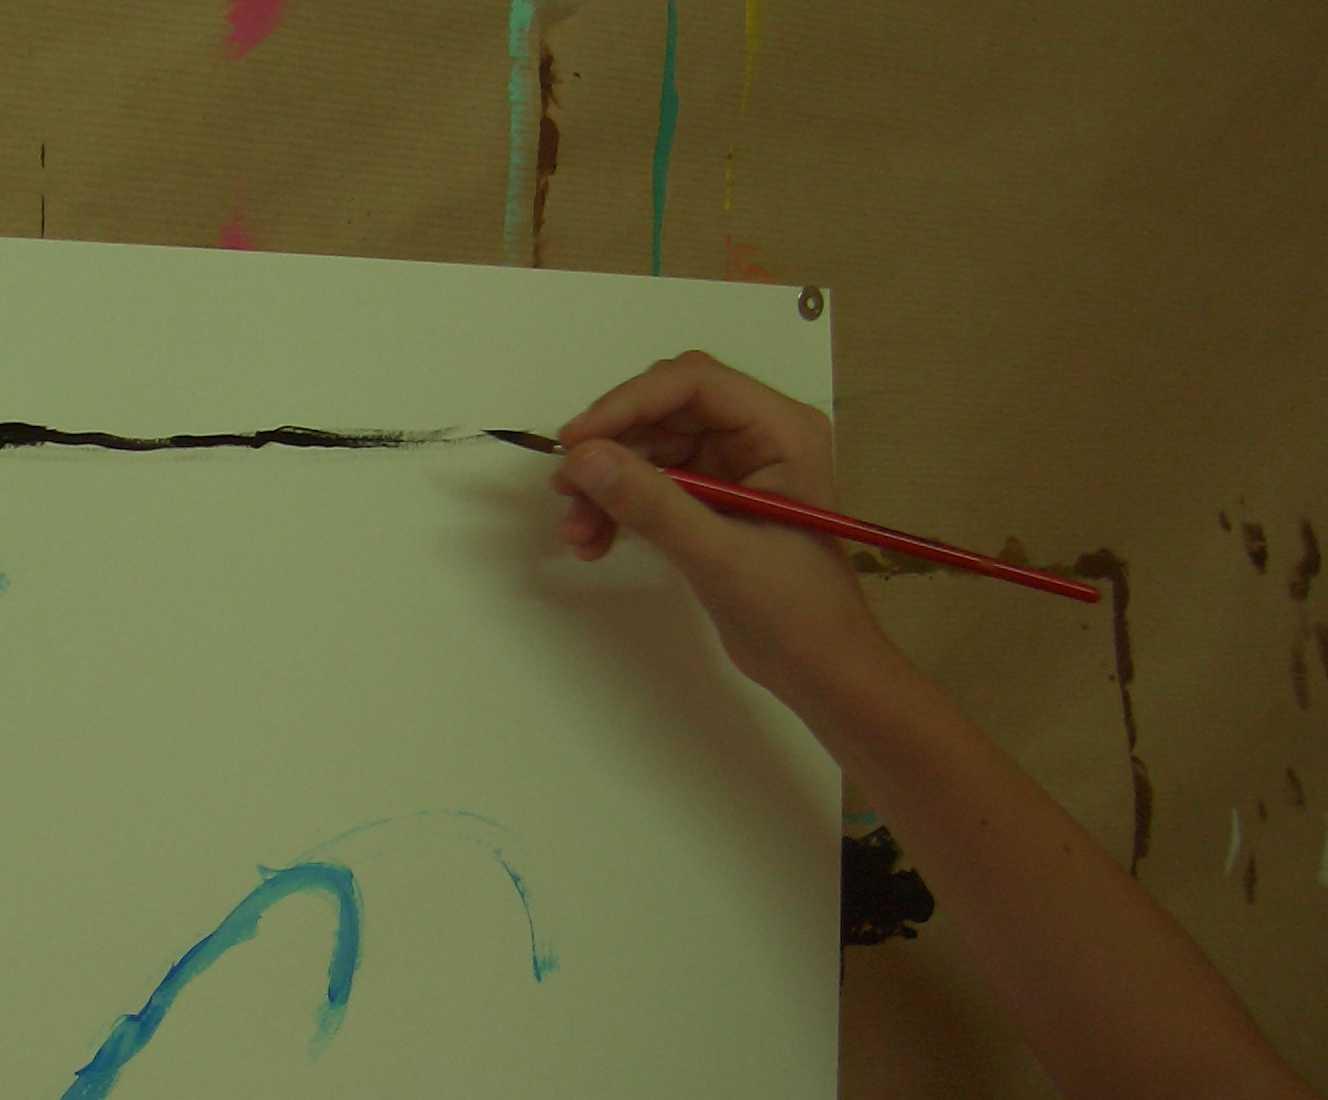 kinder malen, malentwicklung, kindliche entwicklung, frühförderung